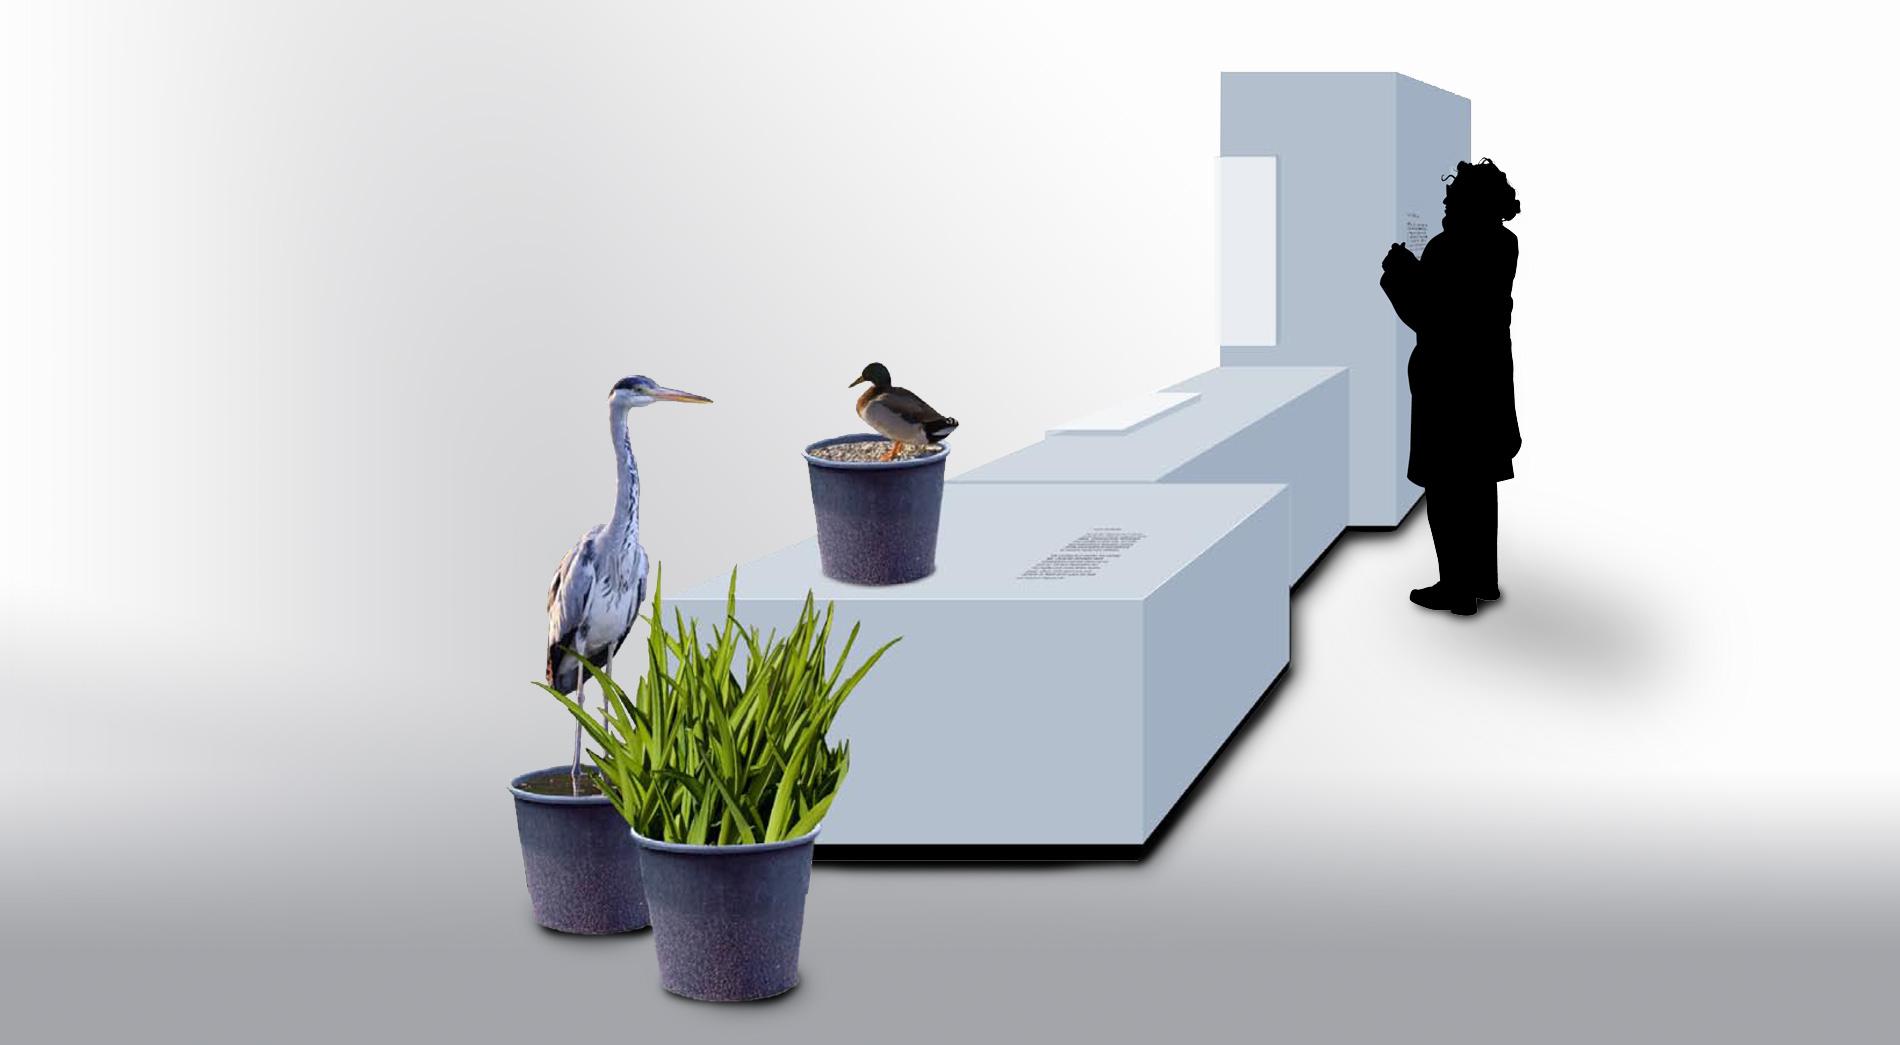 Konzept Wettbewerb Fischereimuseum Bergheim